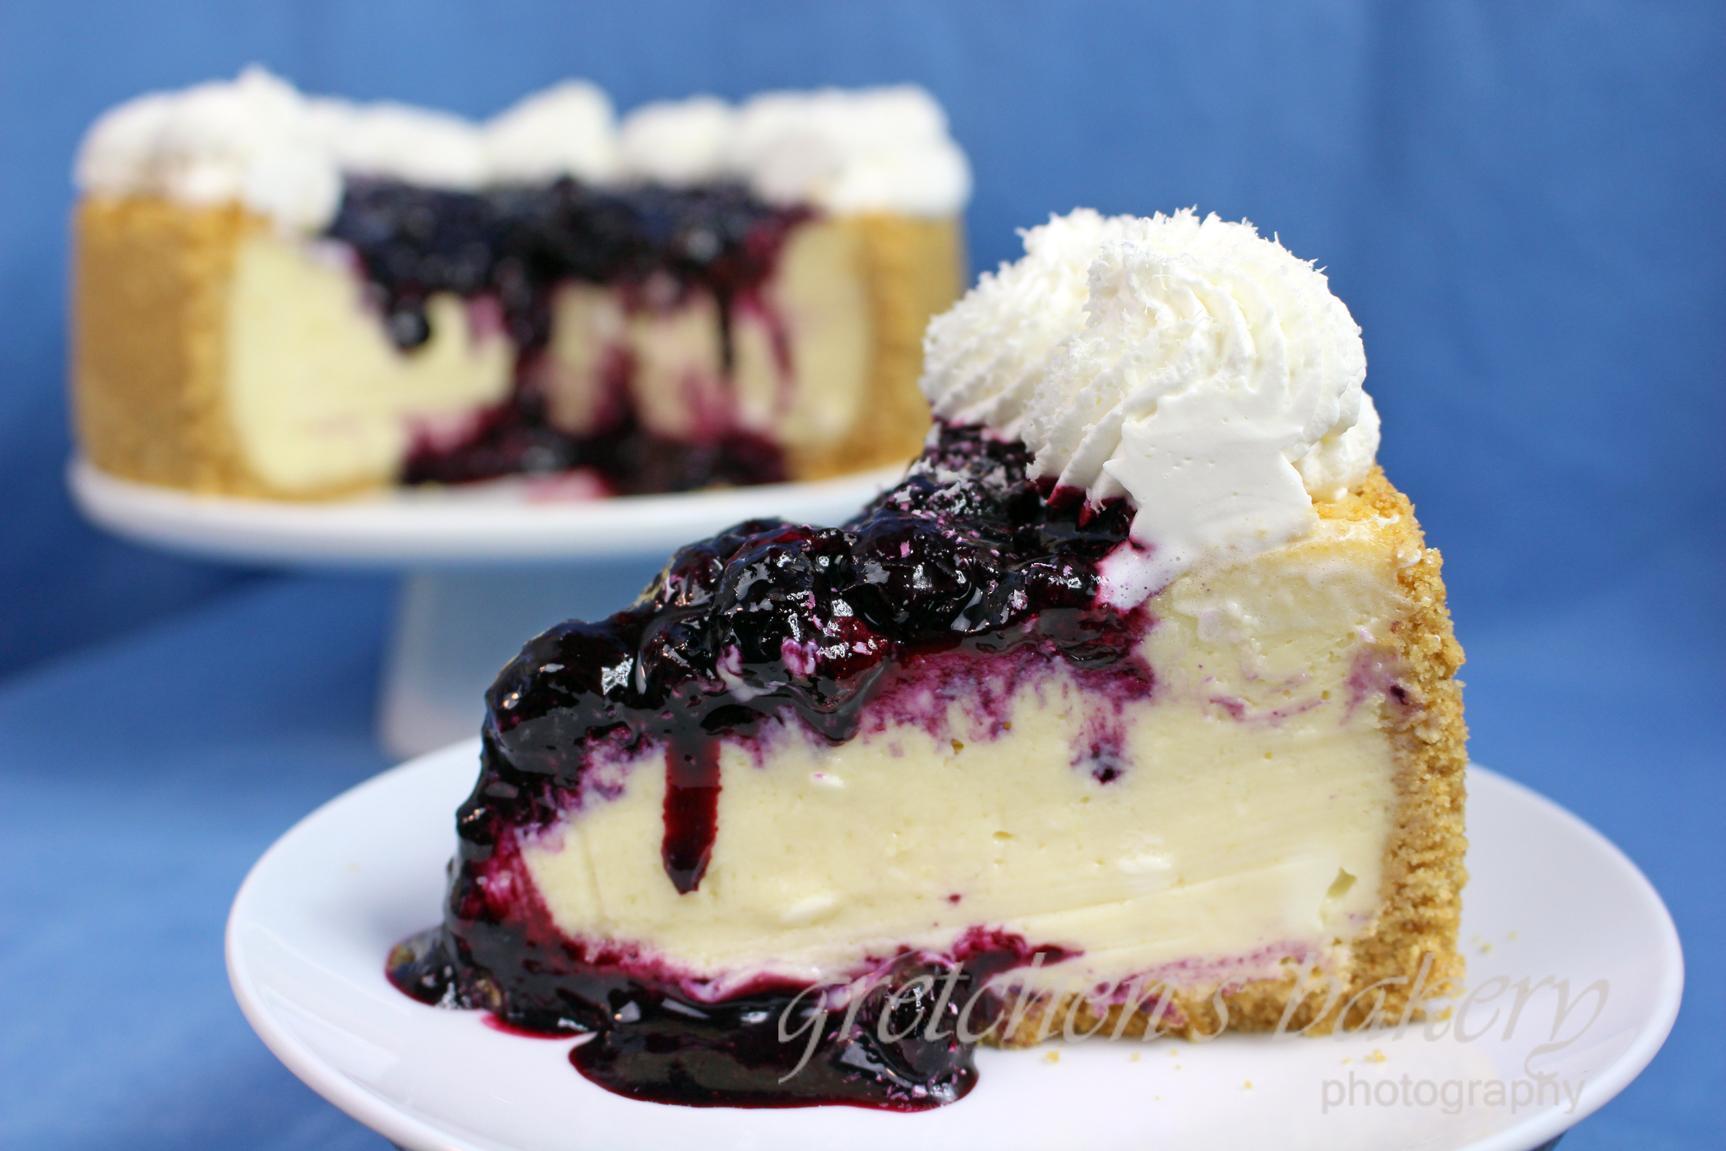 Vegan White Chocolate Blueberry Cheesecake